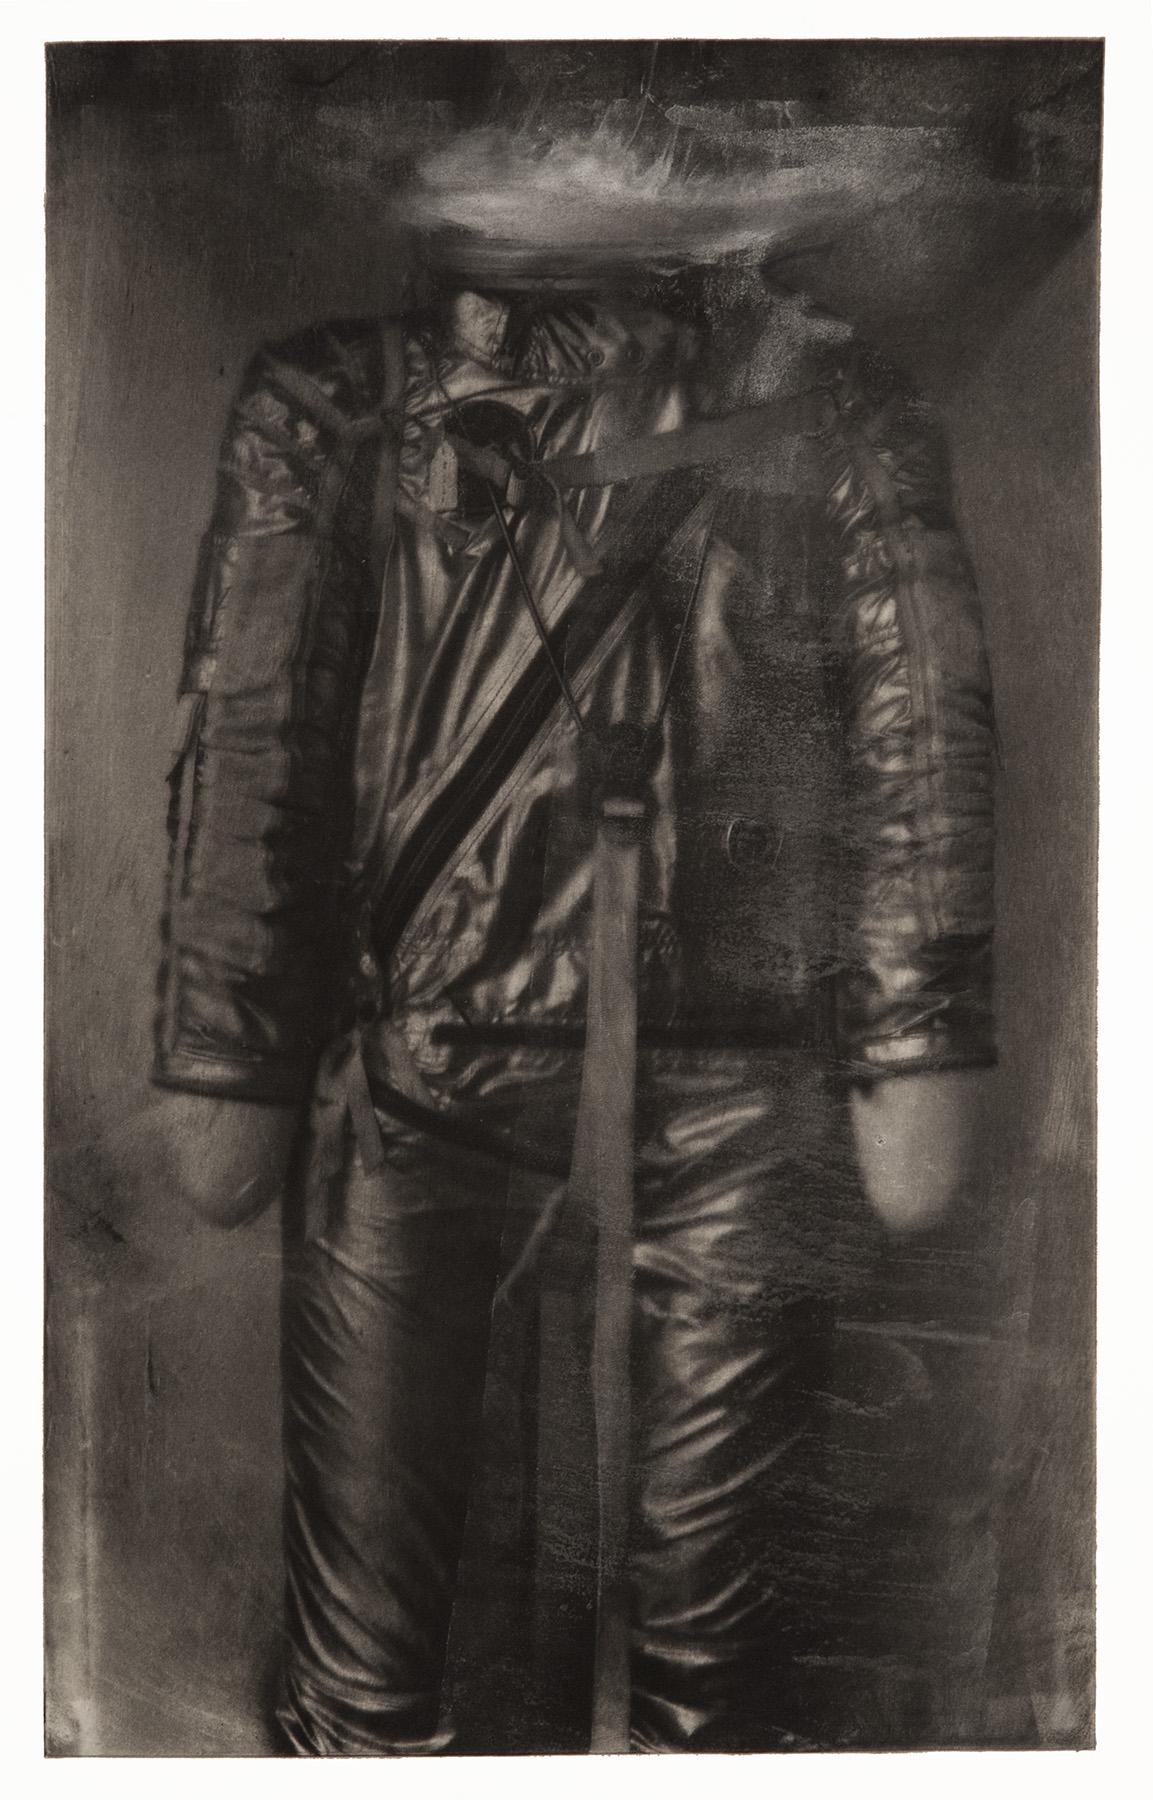 Mercury Space Suit - Monoprint